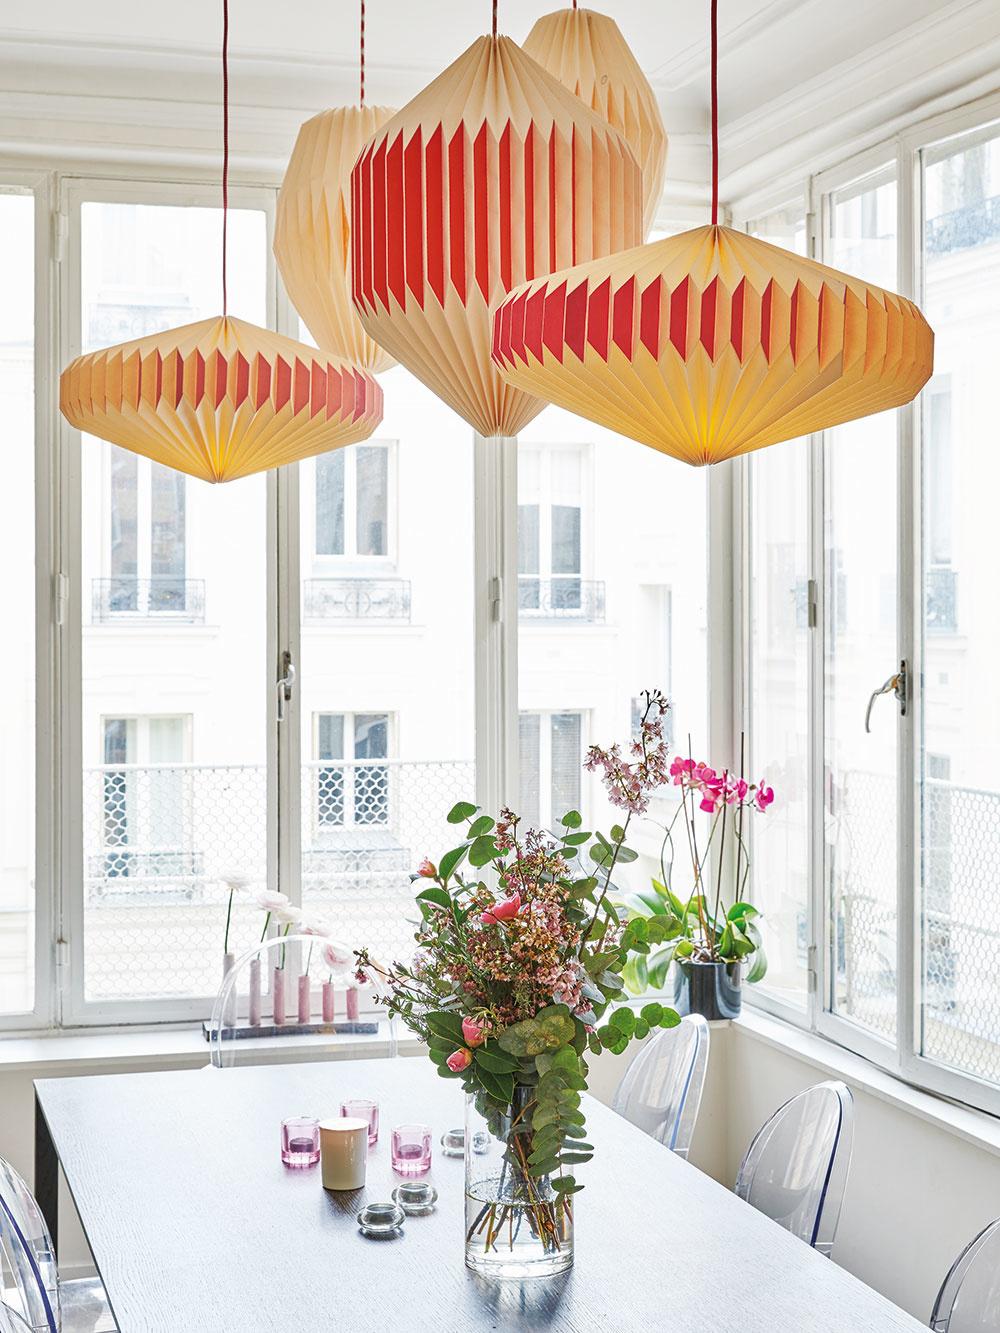 JEDÁLENSKÝ STÔL je vďaka vysokým oknám zdvoch svetových strán veľkoryso osvetlený. Miesto klasických svietidiel nad ním visia lampióny rôznych veľkostí atvarov. Vytvárajú mimoriadne prívetivý až hravý dojem, ktorý naznačuje, že pri tomto stole sa schádza veselá asrdečná spoločnosť.